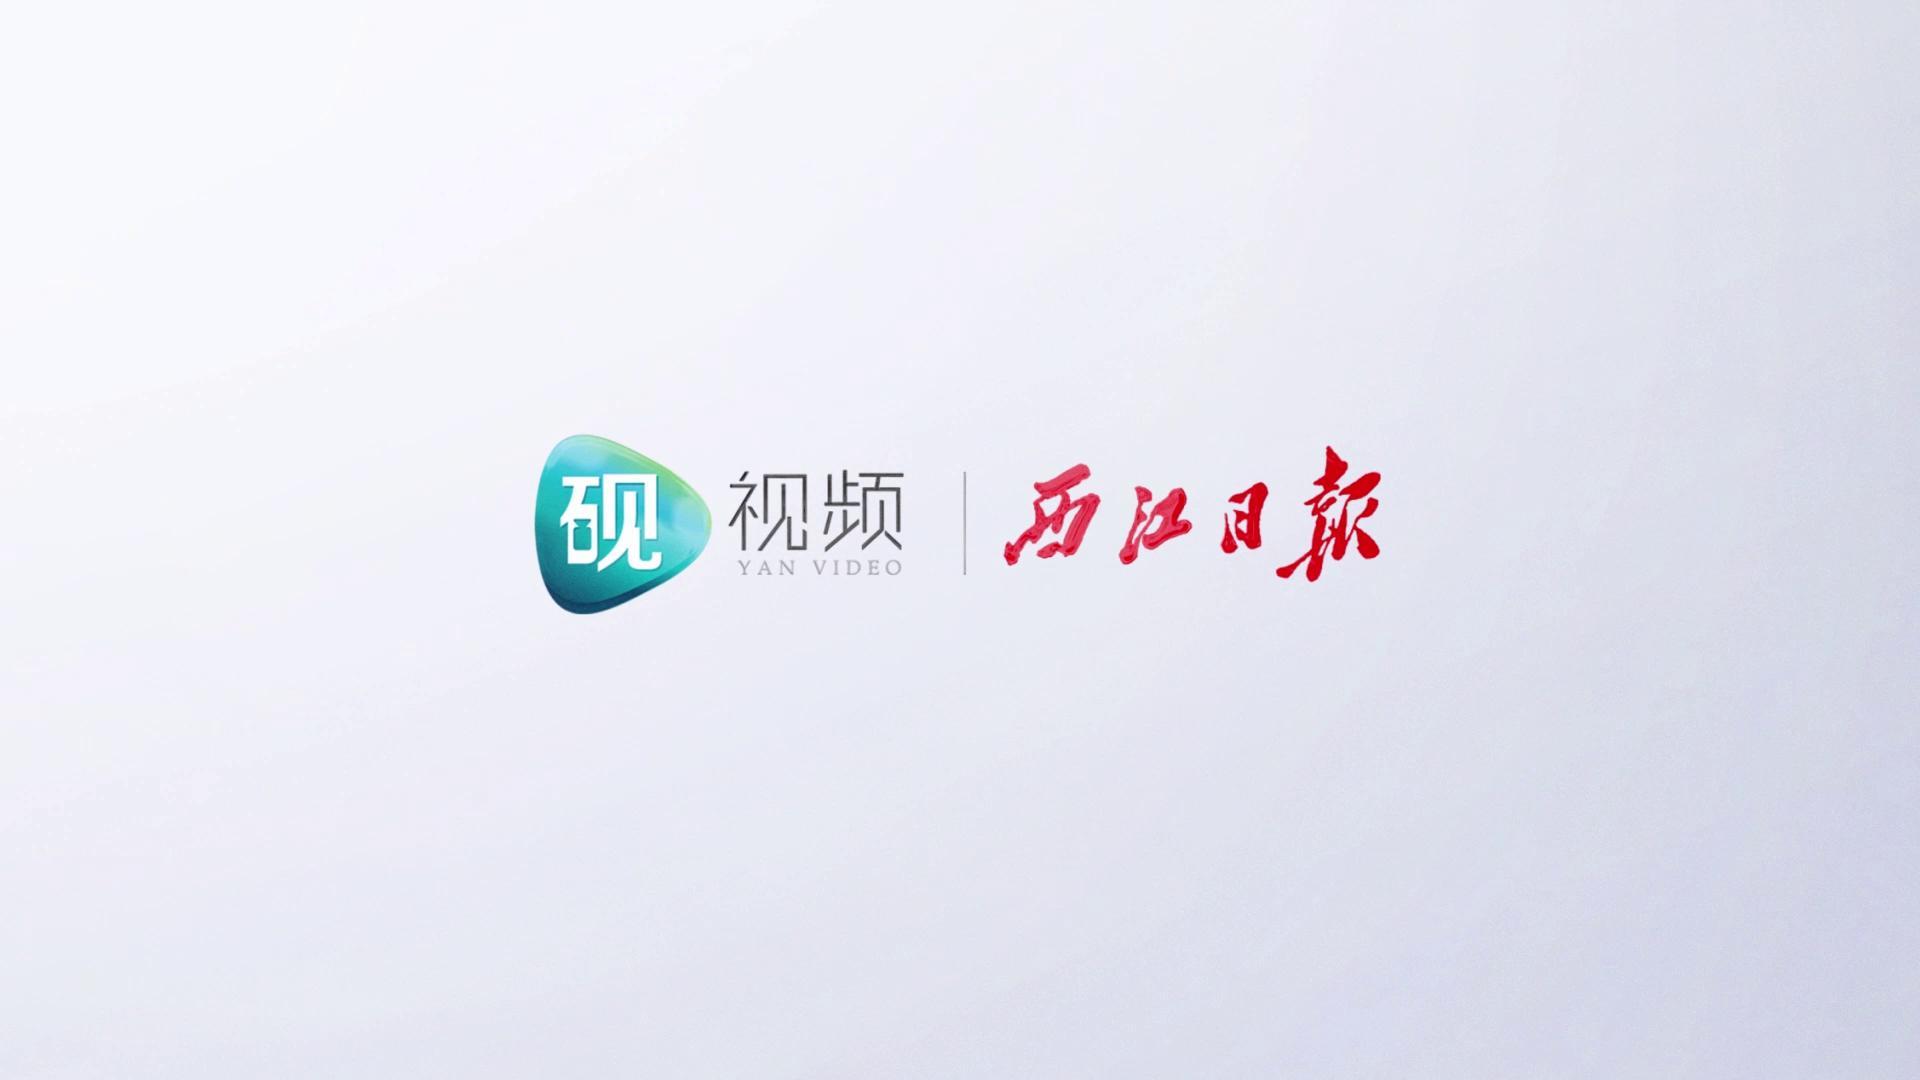 广宁古水河郊野径徒步线路首期建设已完成